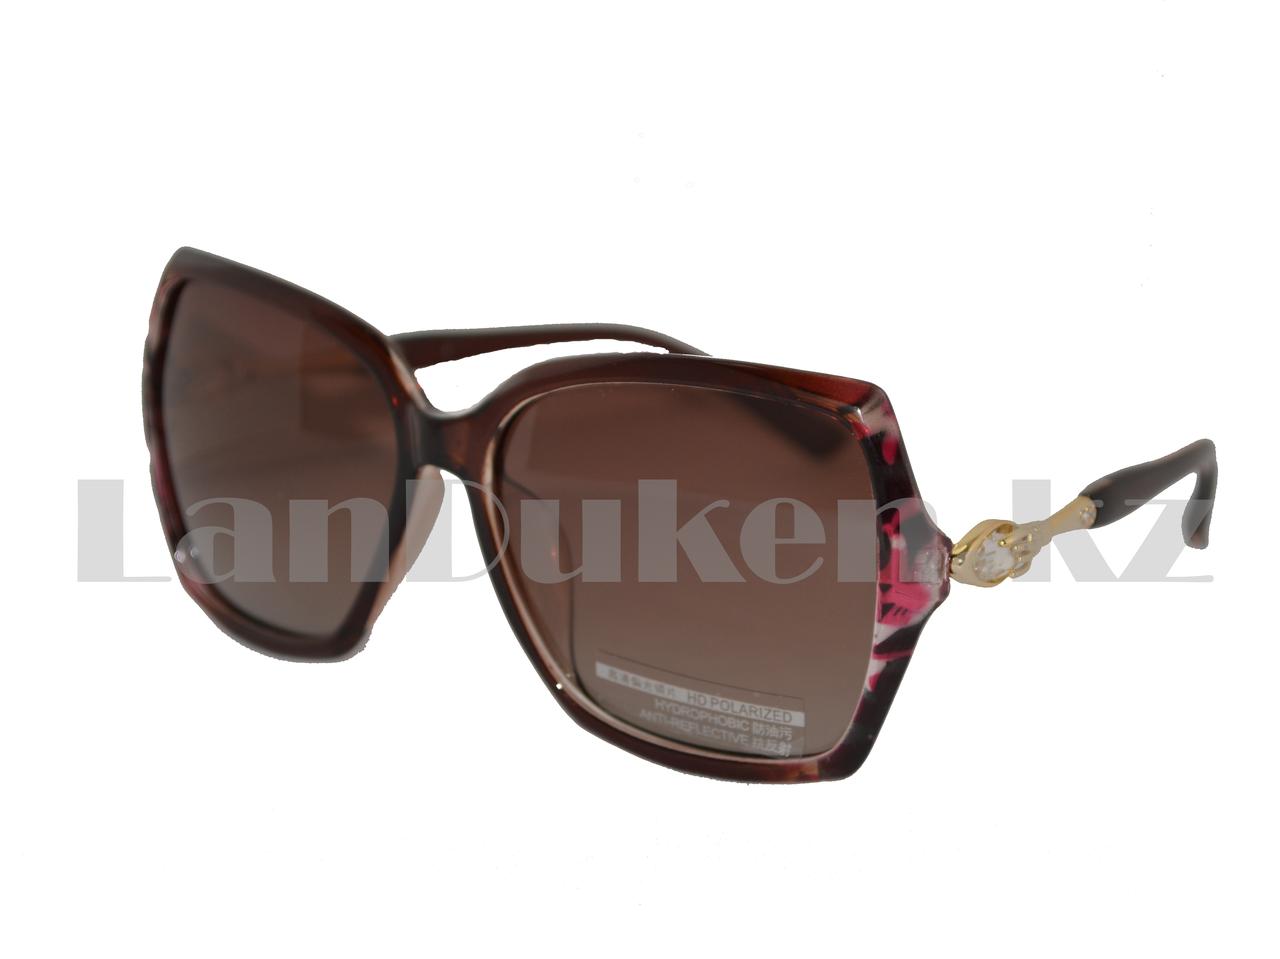 Солнцезащитные очки  HD Polarized, тигрово-коричневые с антибликовым и гидрофобным эффектом.